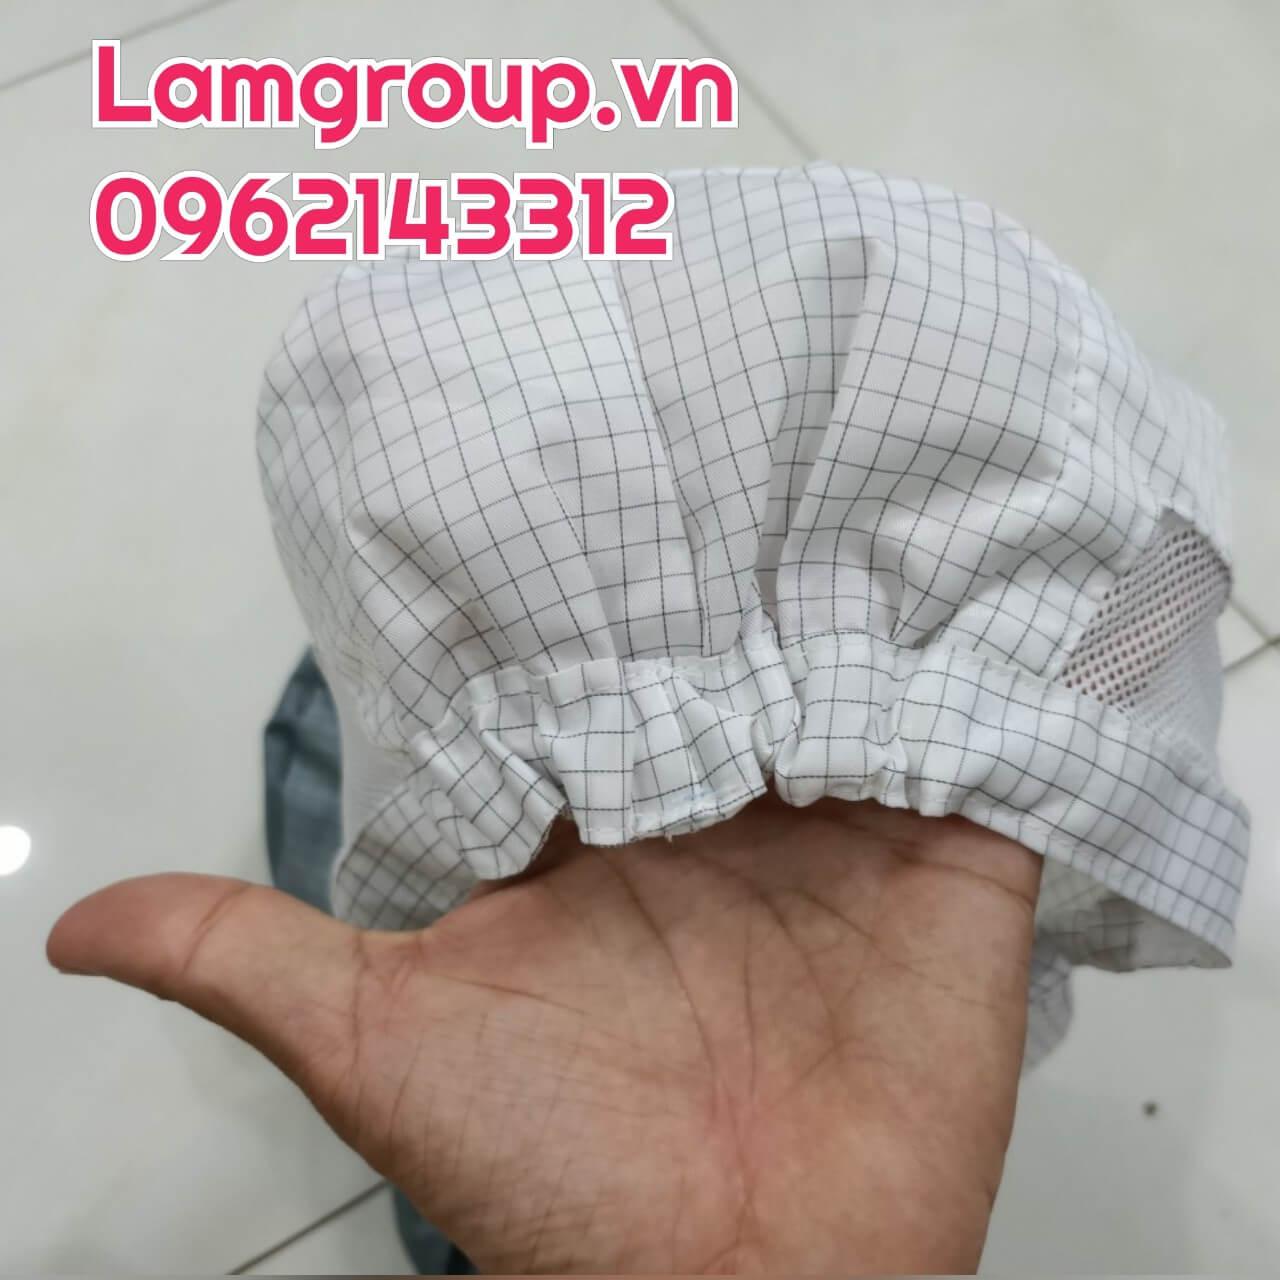 Nón chống tĩnh điện dùng trong phòng sạch